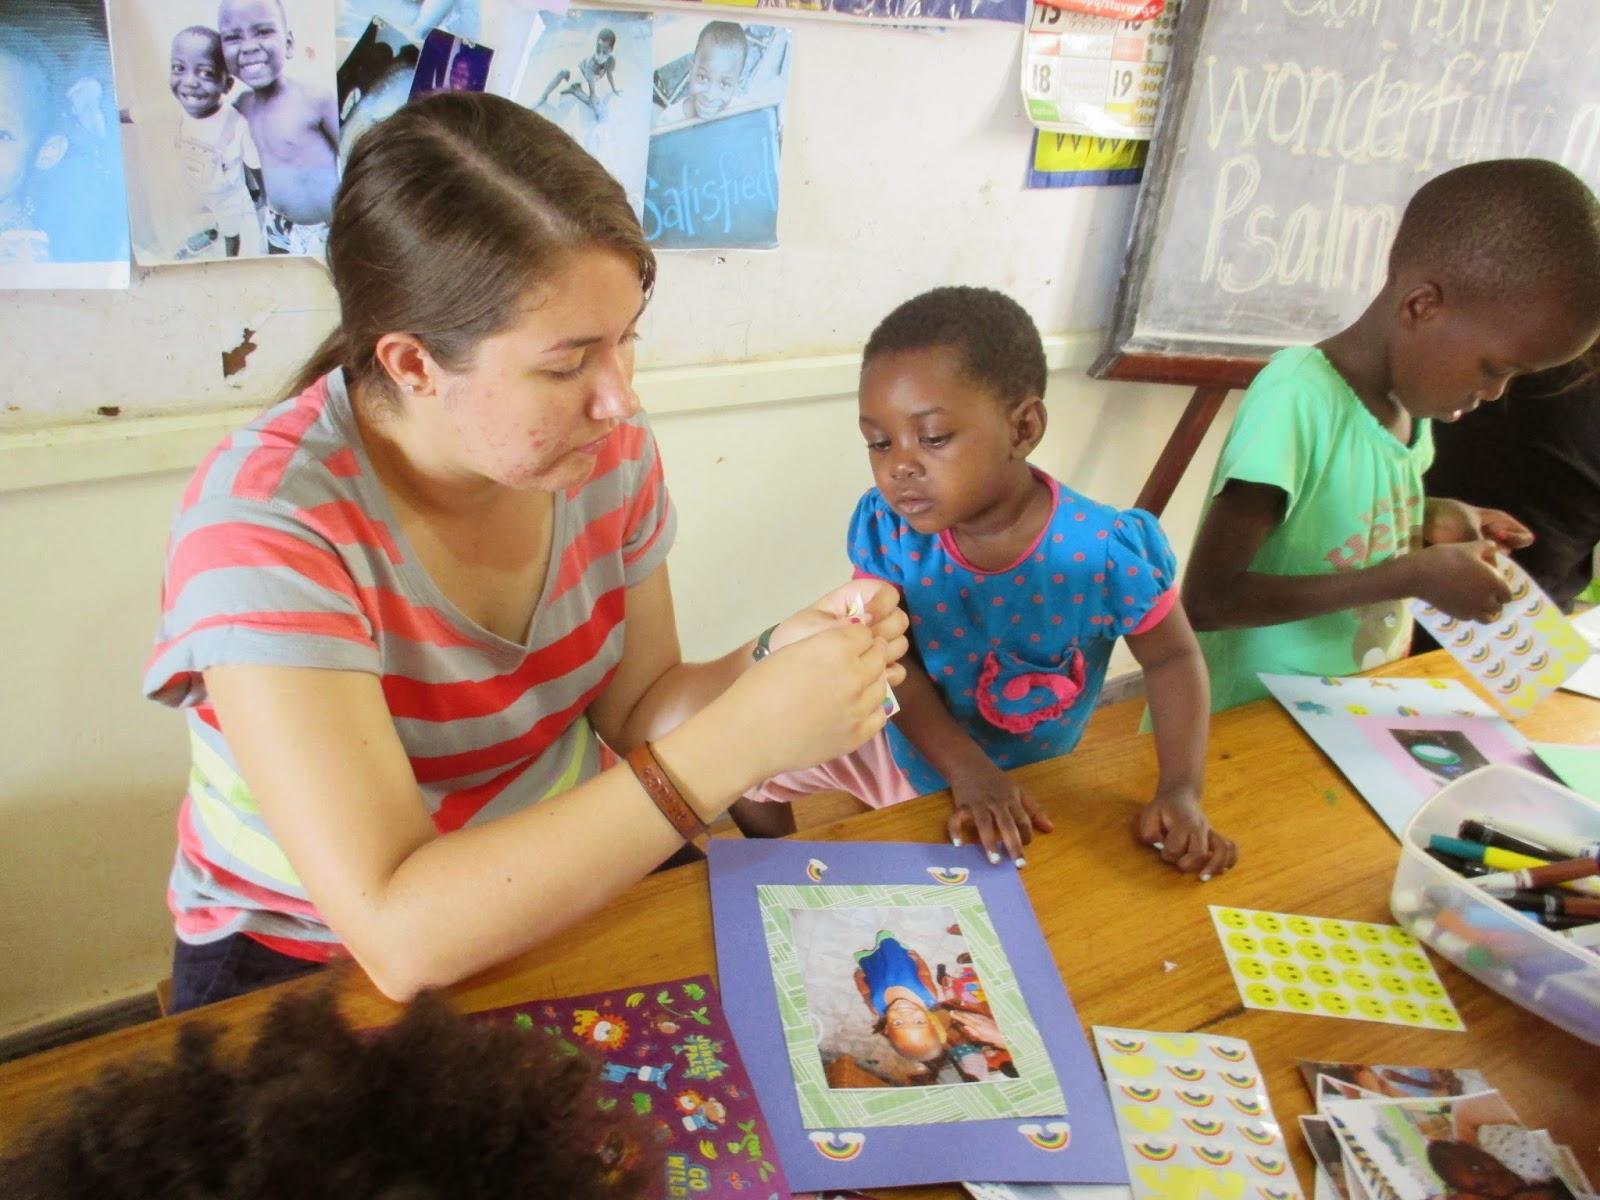 Volunteering at Rafiki: The Inside Scoop